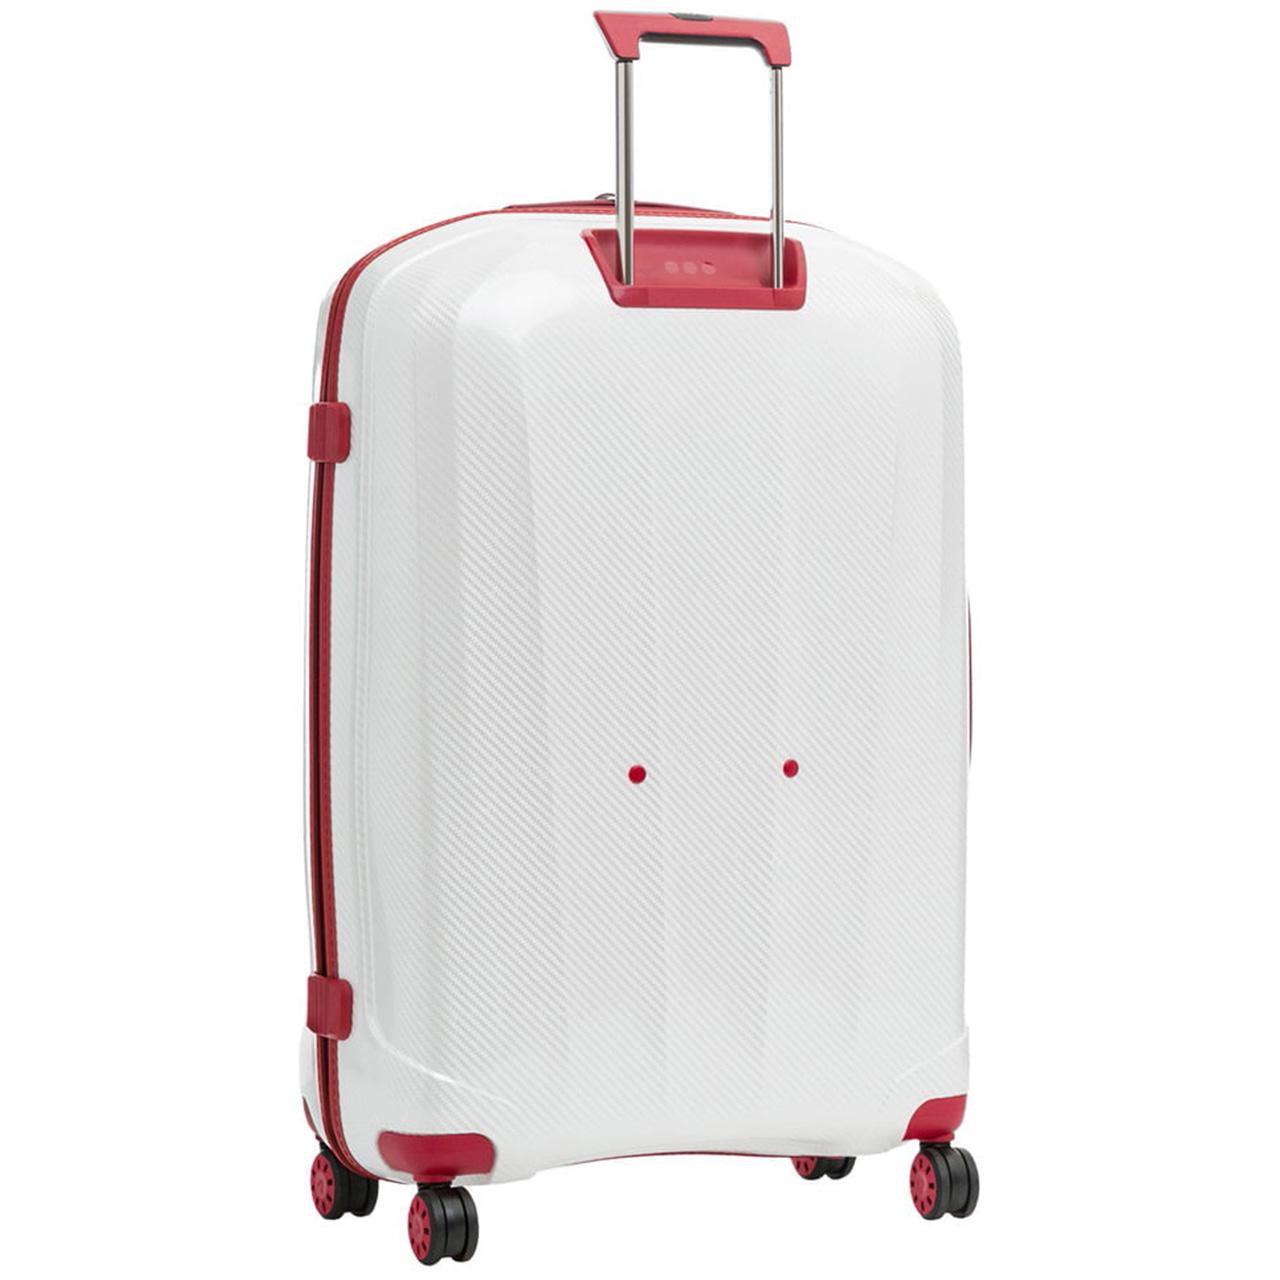 مجموعه سه عددی چمدان رونکاتو مدل 5950 main 1 12